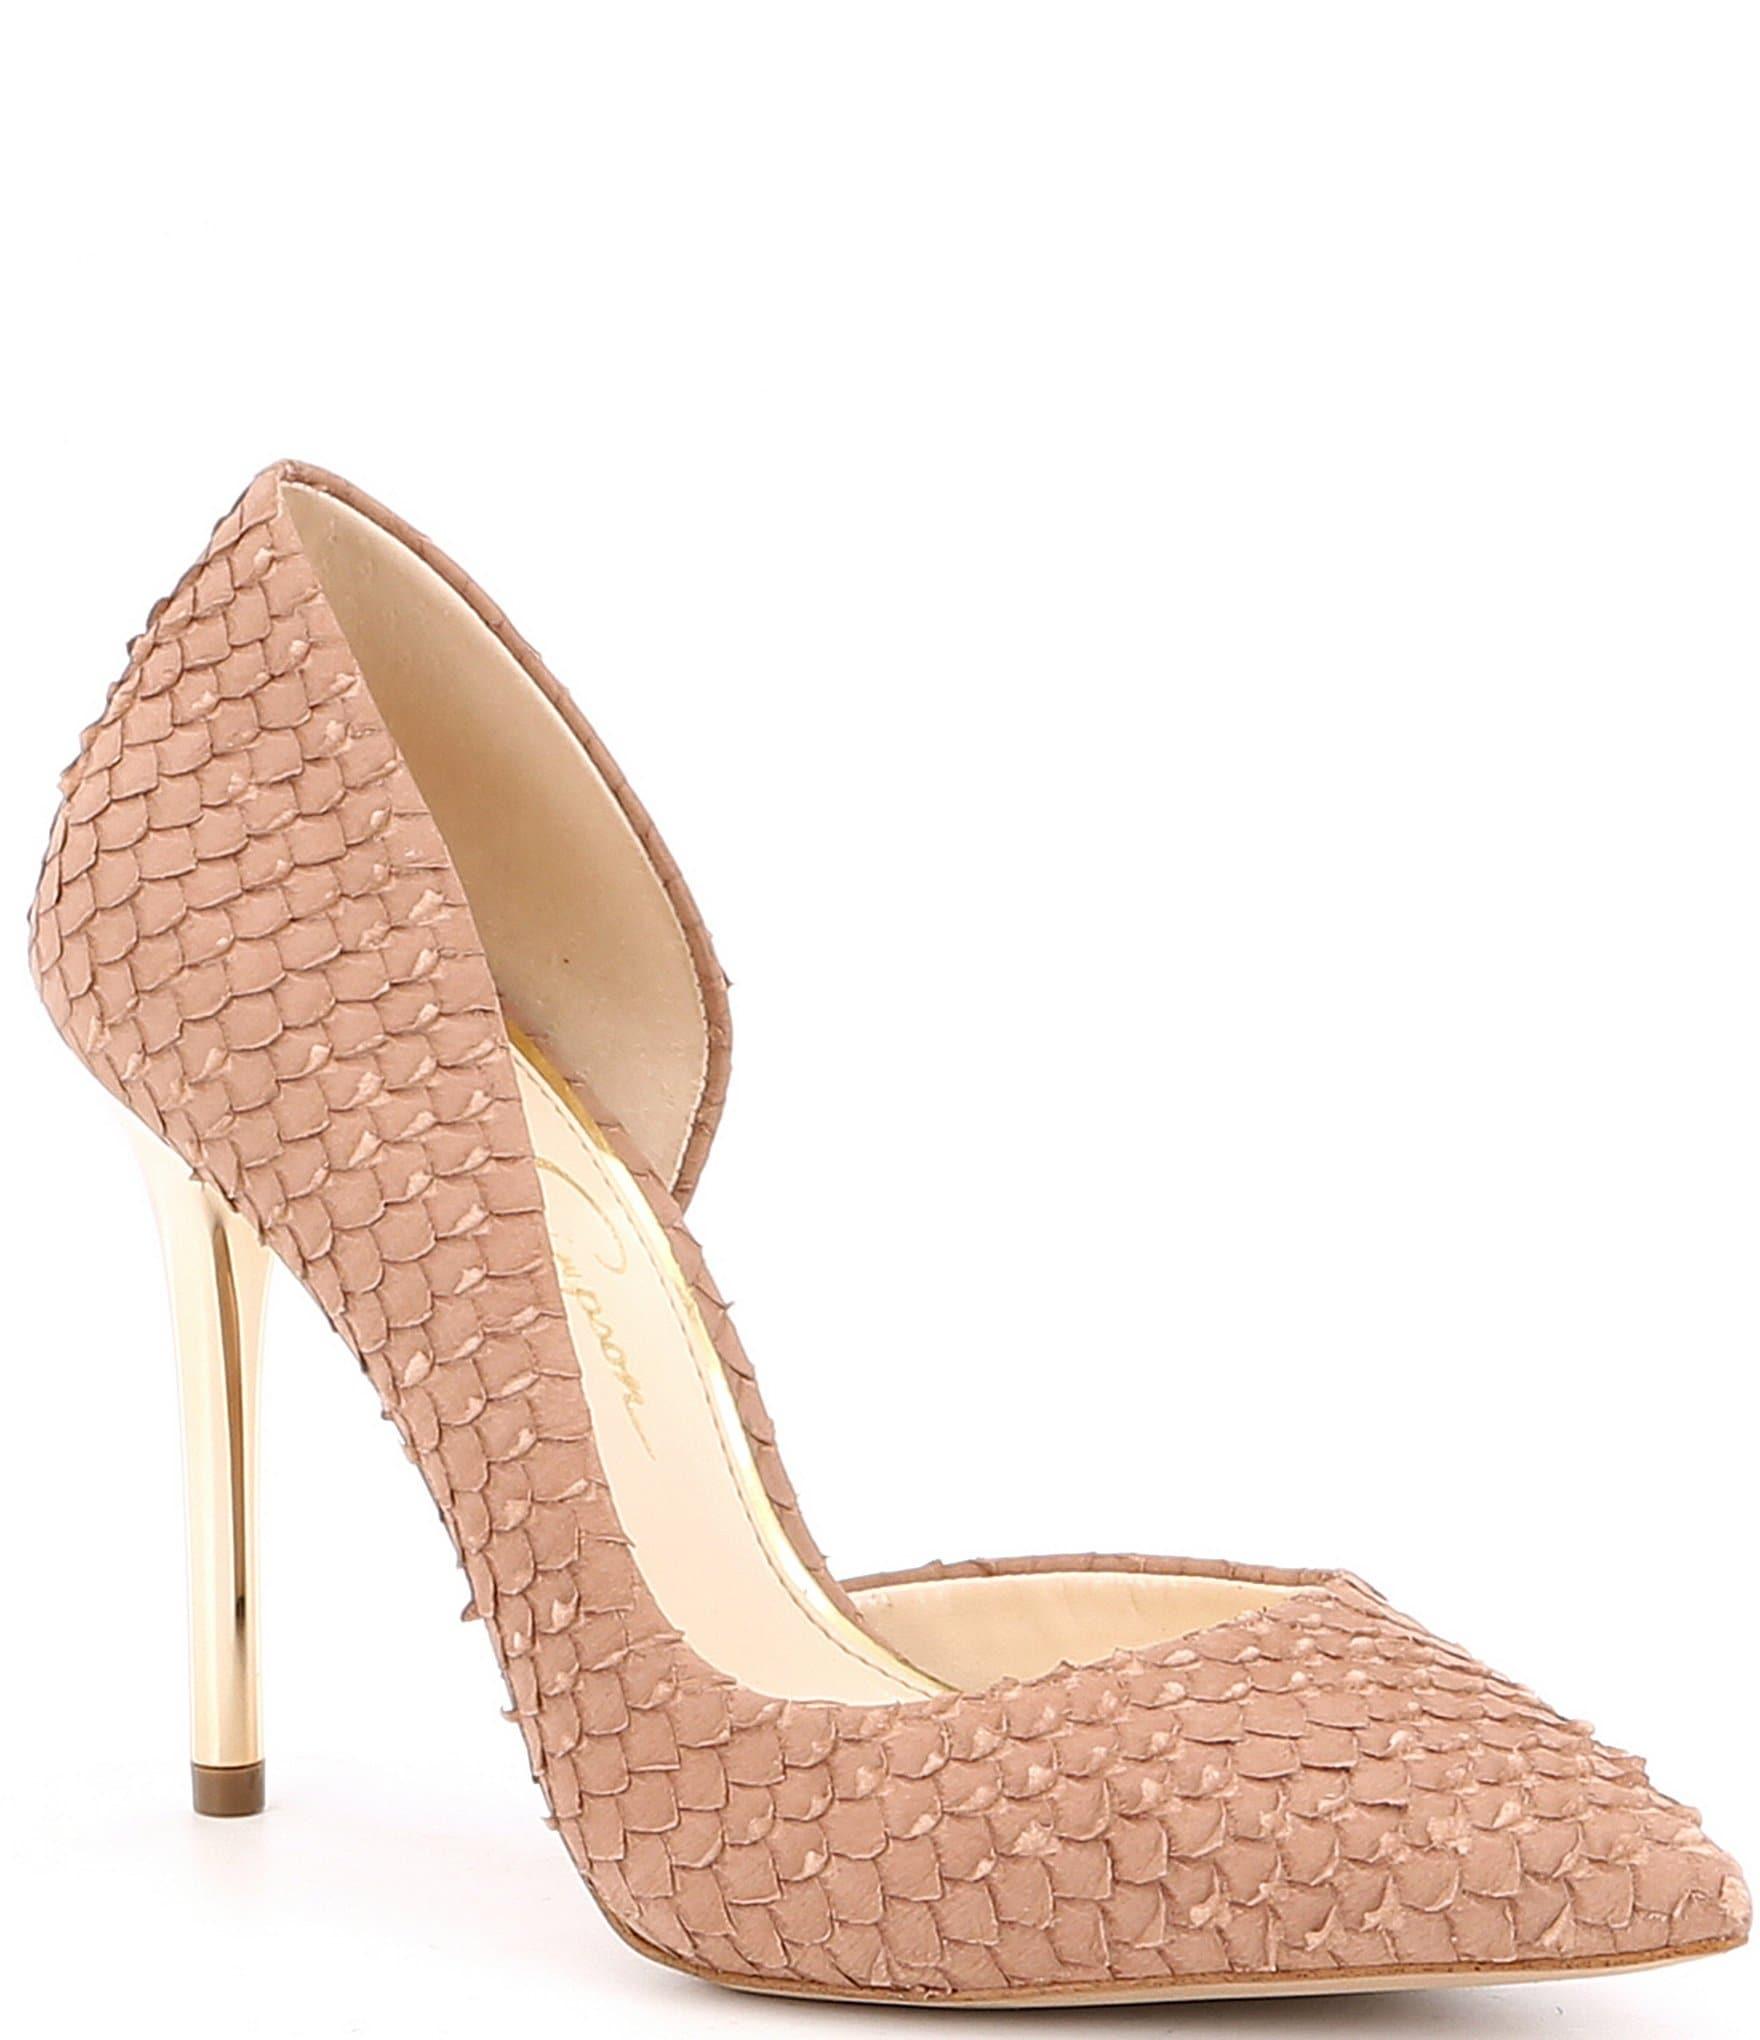 6792ceef161 Jessica Simpson Lucina Snake Embossed Iridescent Heel Pumps